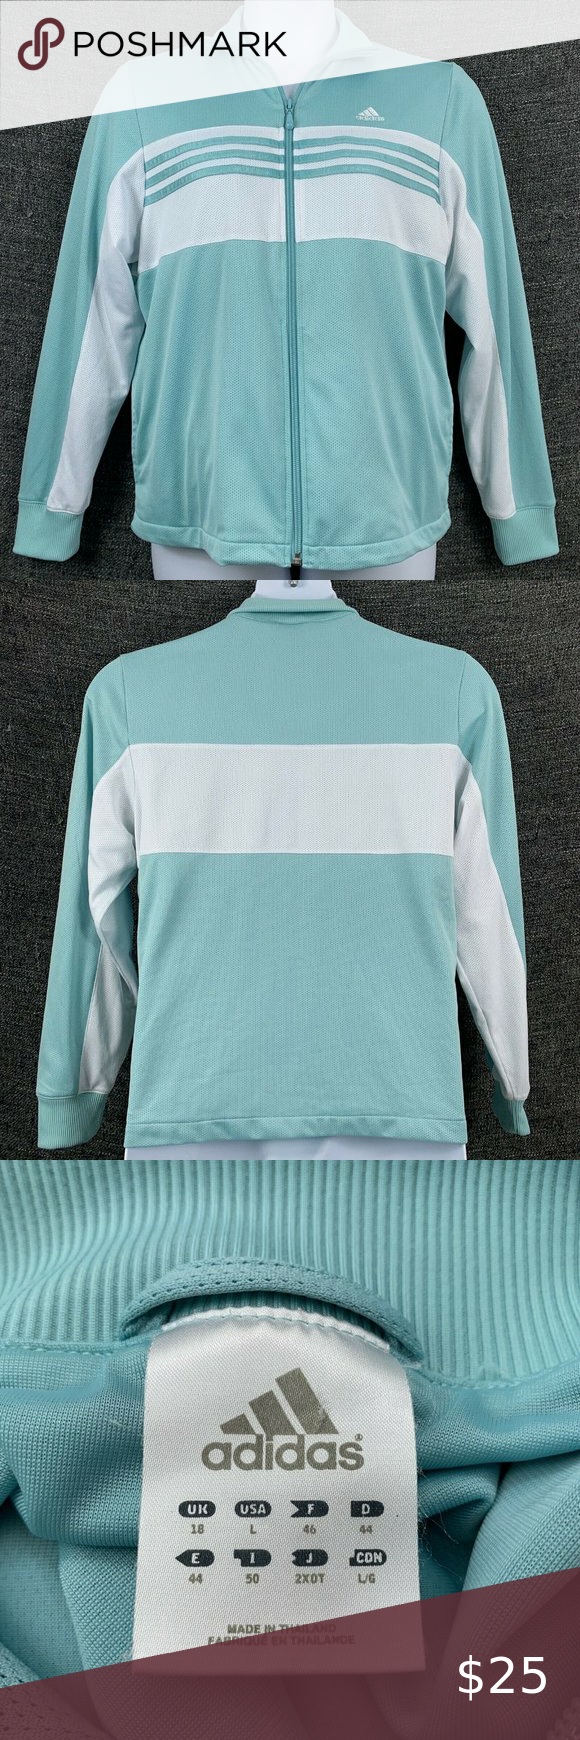 Adidas Large Sweatshirt Zip Up Light Blue White Adidas Women S Sweatshirt Light Blue And White Mesh Zi Adidas Sweatshirt Women Sweatshirts Women Zip Sweatshirt [ 1740 x 580 Pixel ]